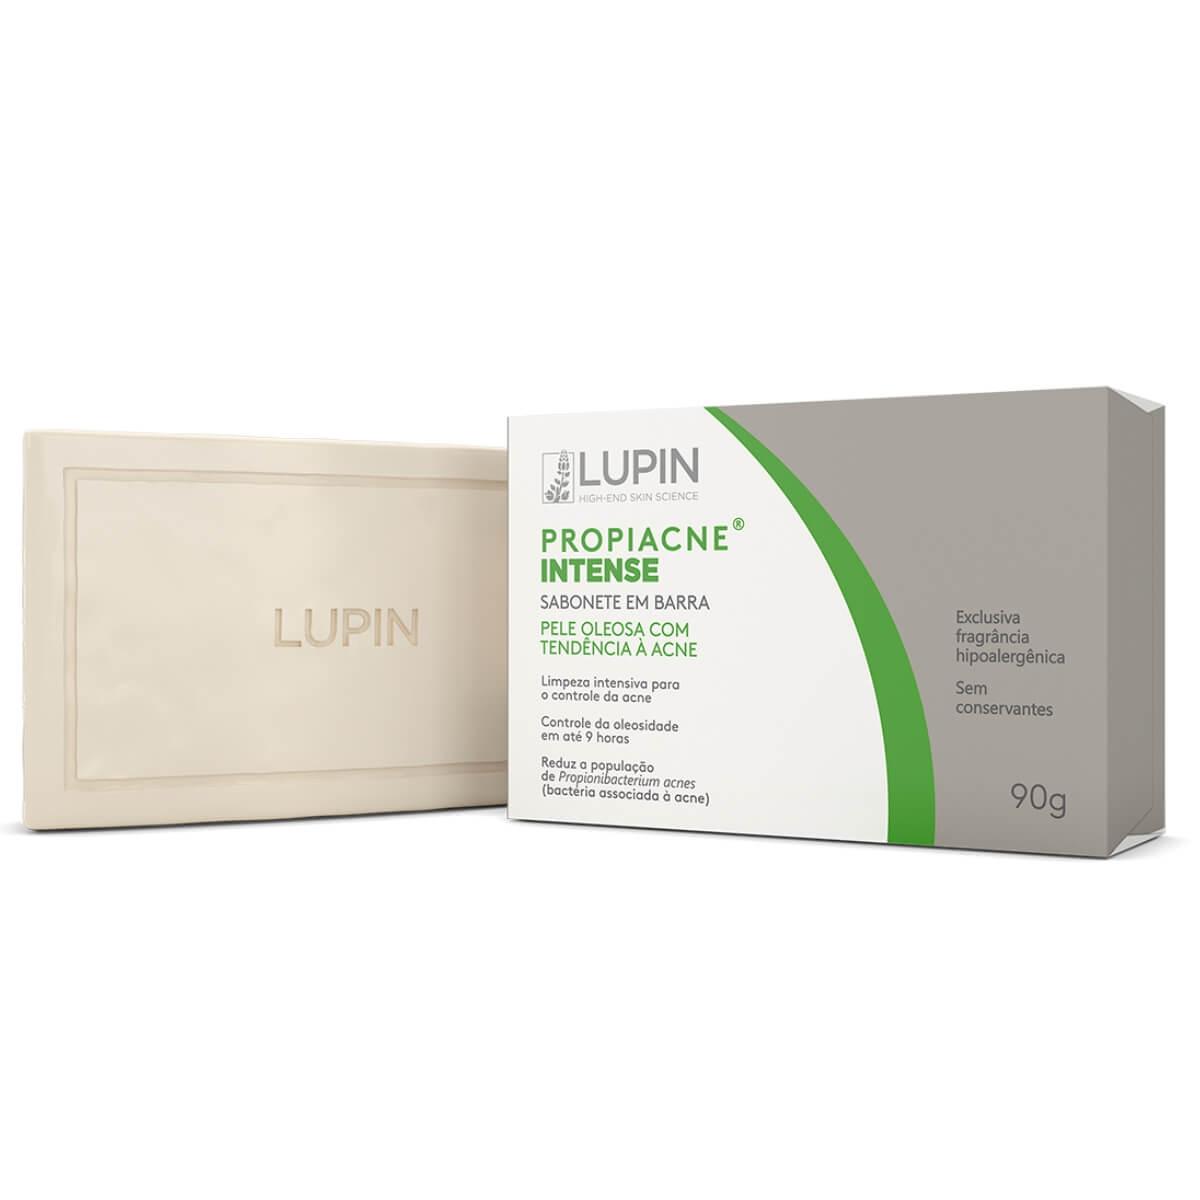 Sabonete em Barra Facial Propiacne Intense Pele Acneica Lupin 90g